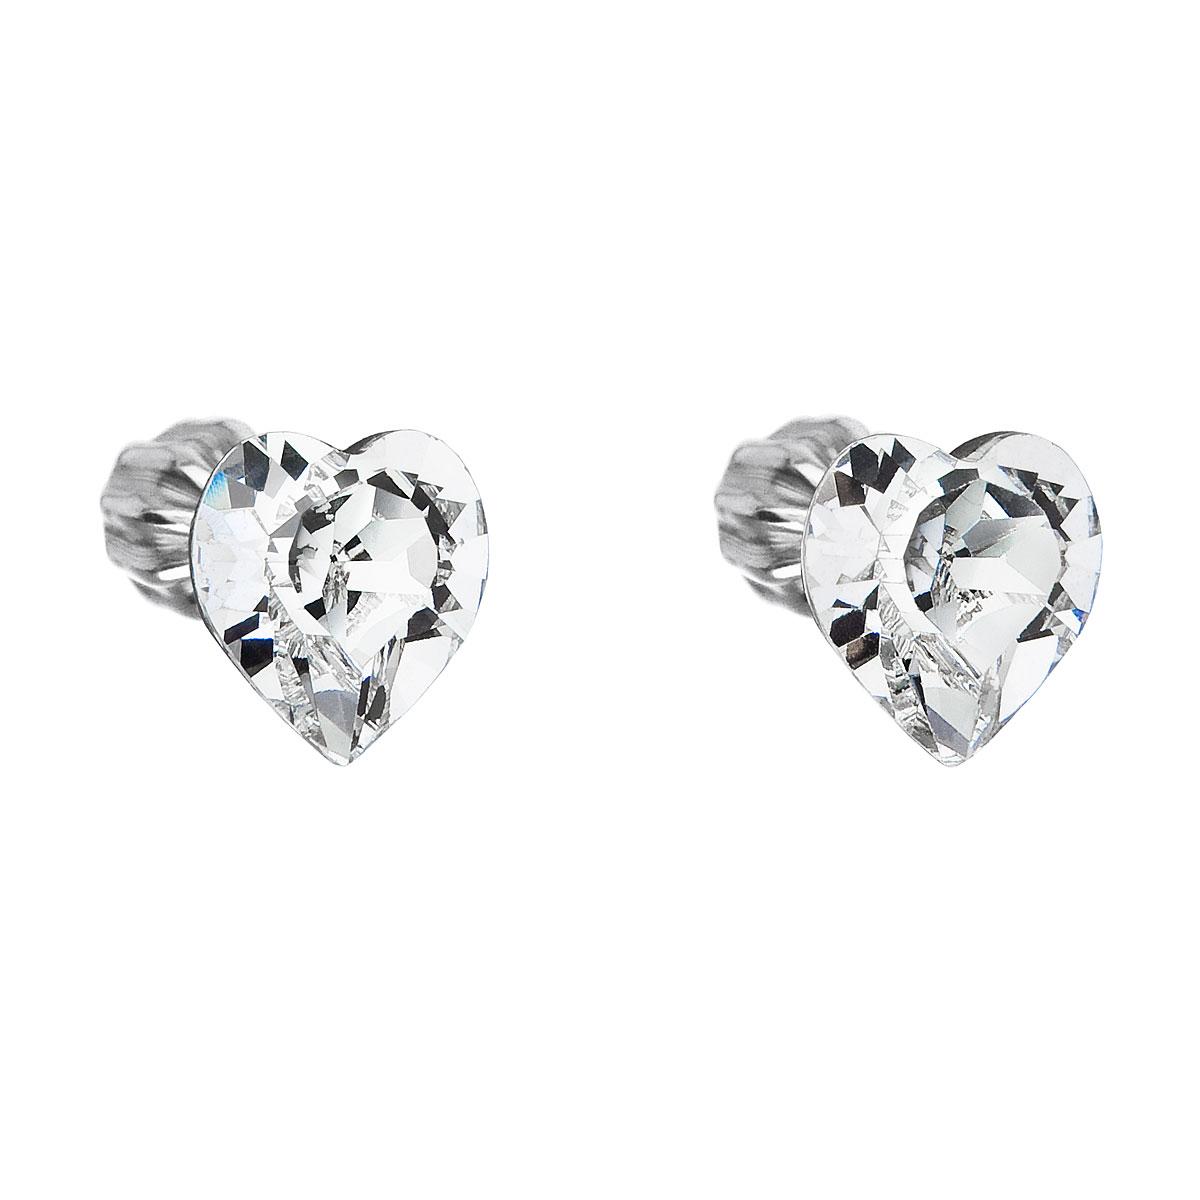 Evolution Group Stříbrné náušnice pecka s krystaly Swarovski bílé srdce 31139.1